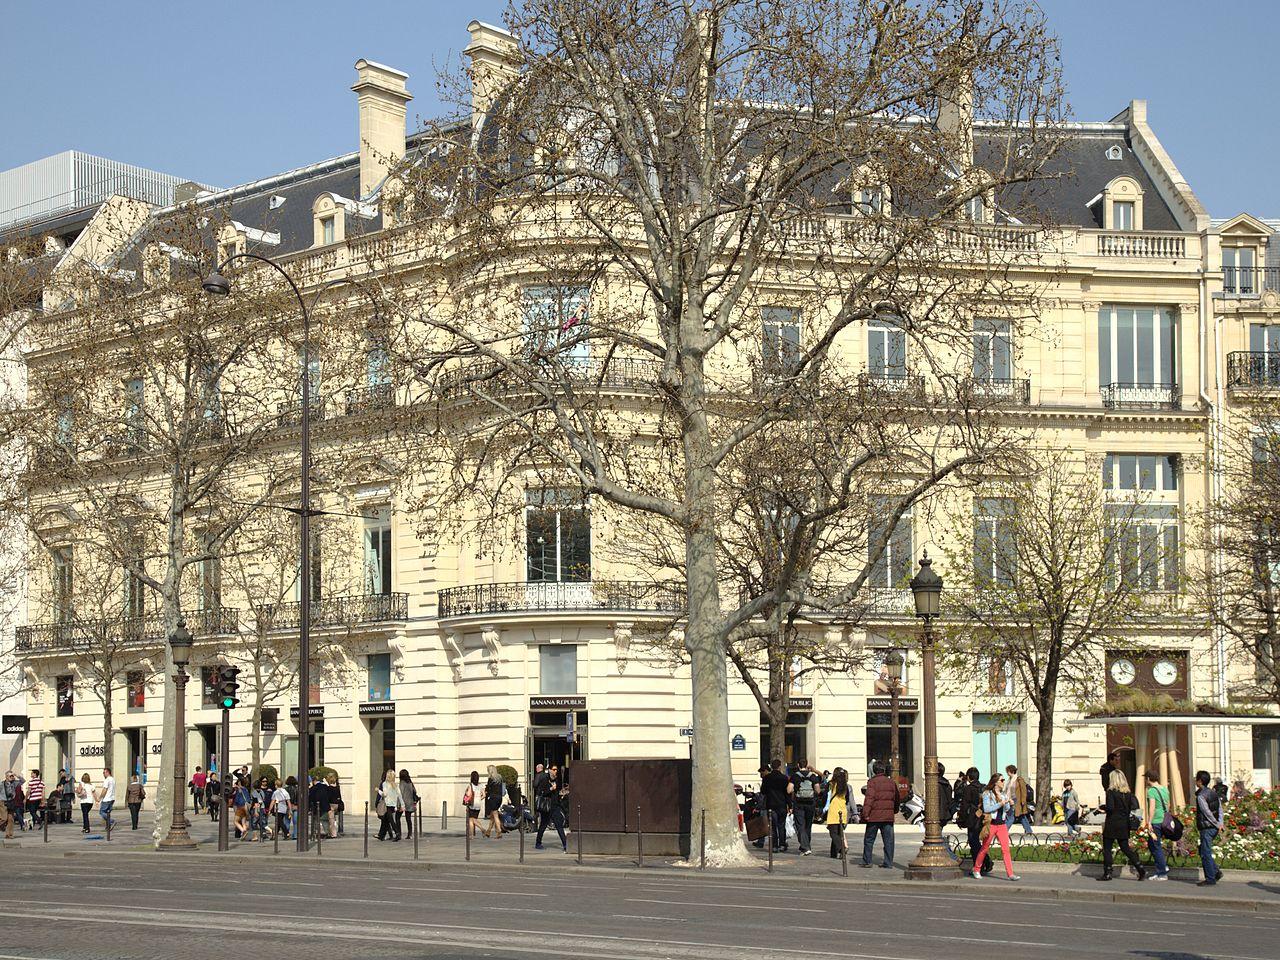 Galerie de portraits : Le manchon au XVIIIe siècle  - Page 3 1280px-Paris_rond-point_des_champs_elysees_no12%2B14